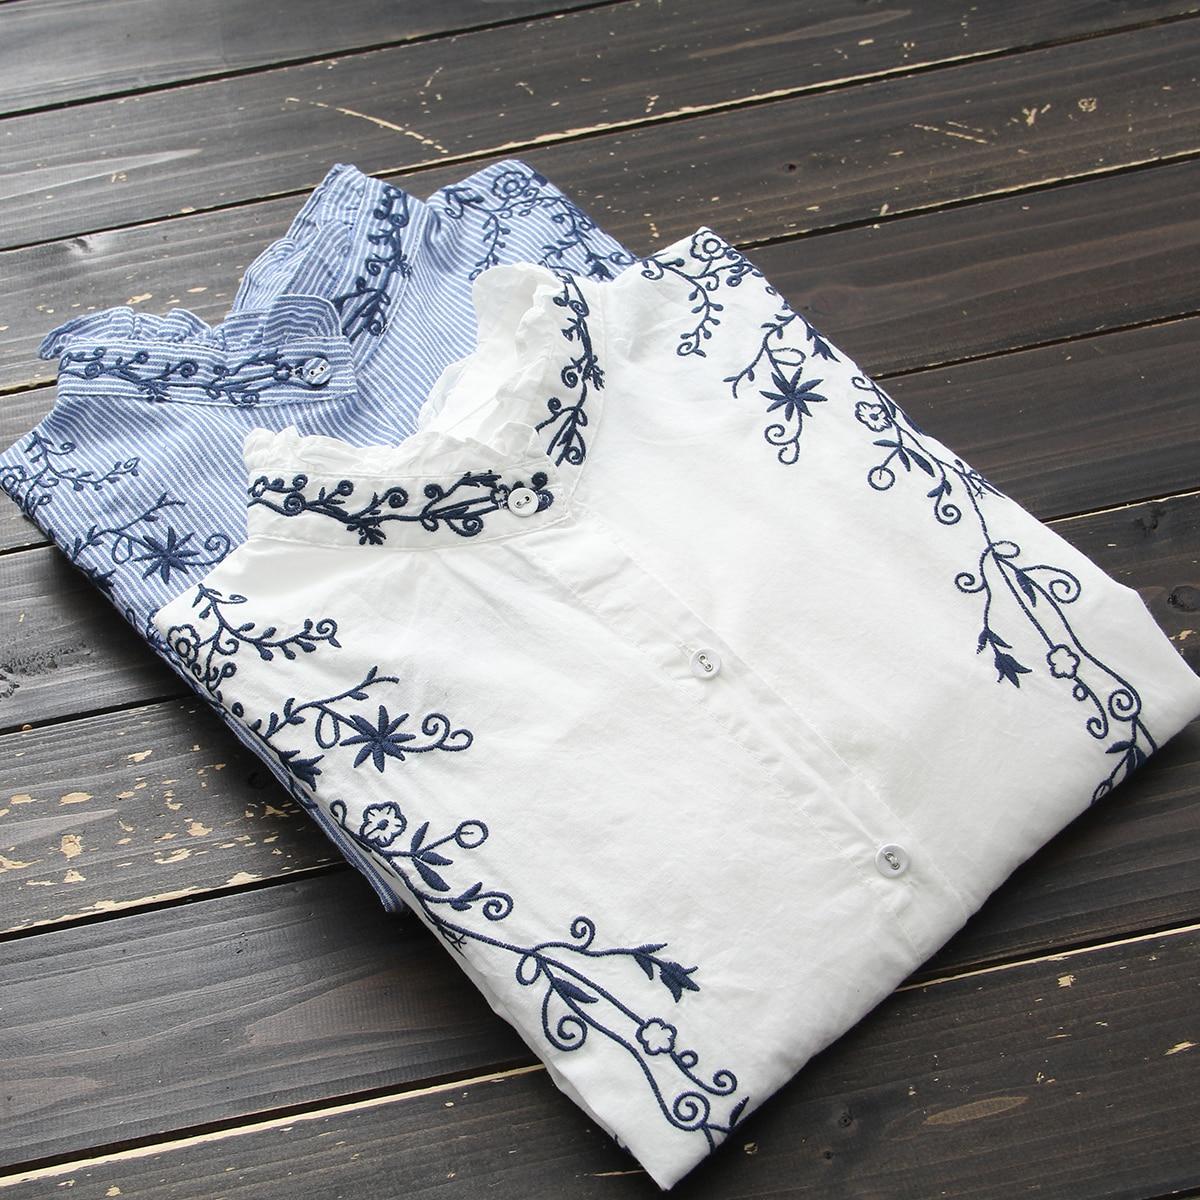 Rétro De Manches Chemises Floral Stand Coton À white Lâche Femmes Longues Toile Tops Occasionnel Col Blusas Chemisier 2019 Vintage Broderie Blue wx1BO1Yq